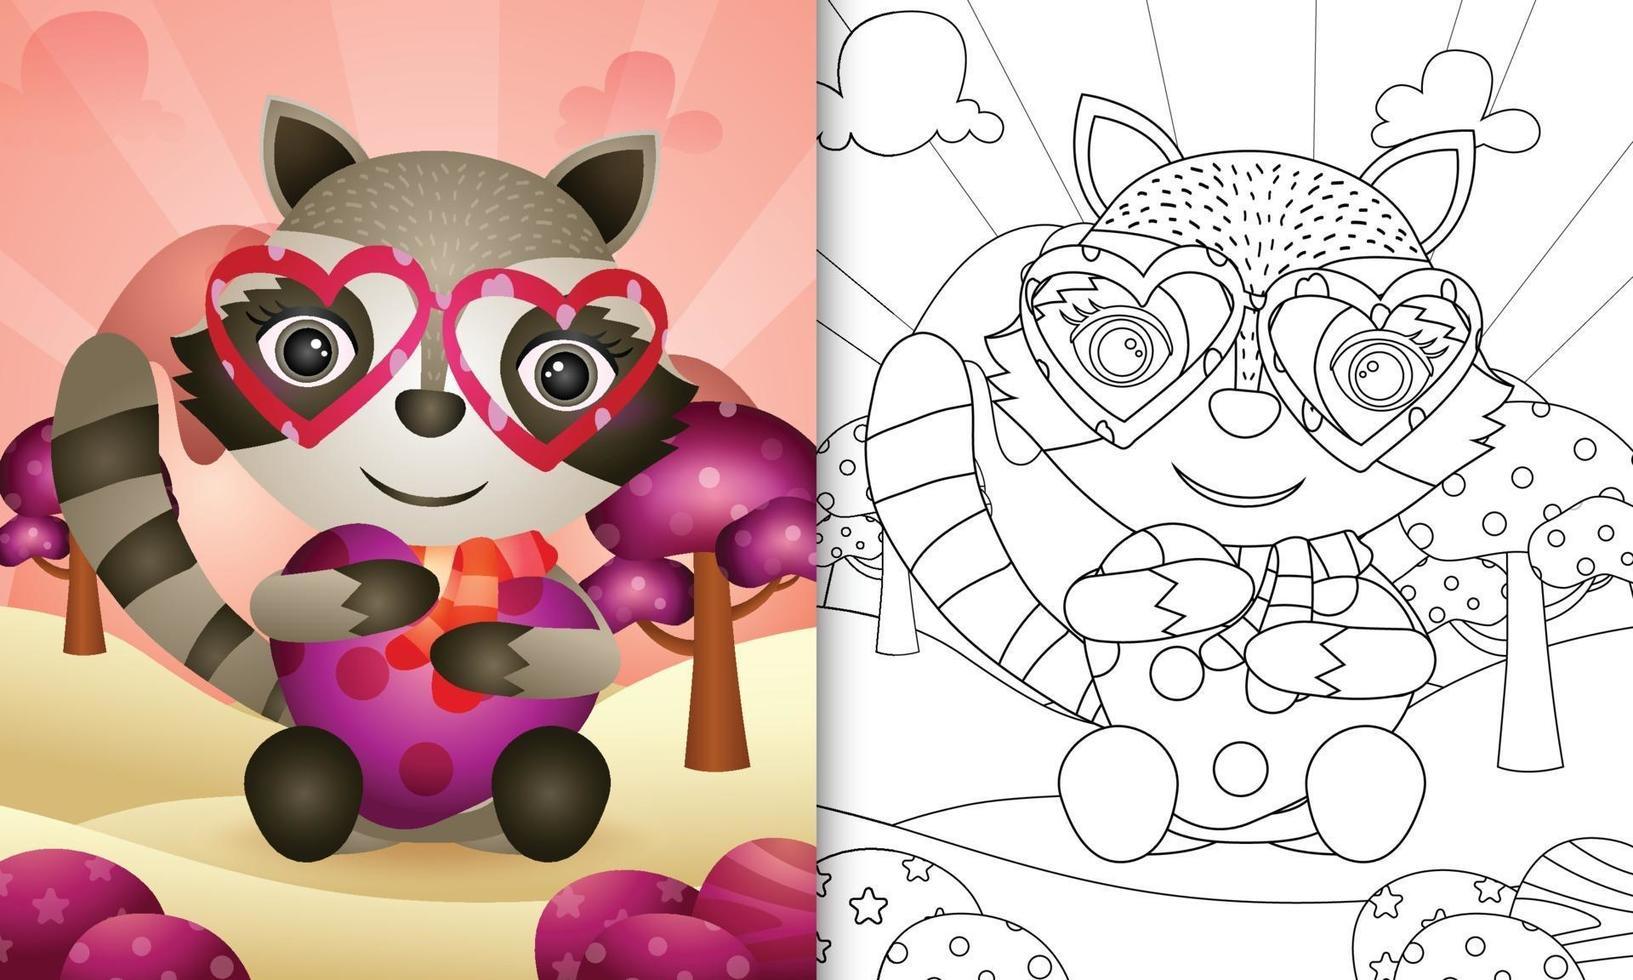 livro de colorir para crianças com um lindo guaxinim abraçando um coração para o dia dos namorados vetor